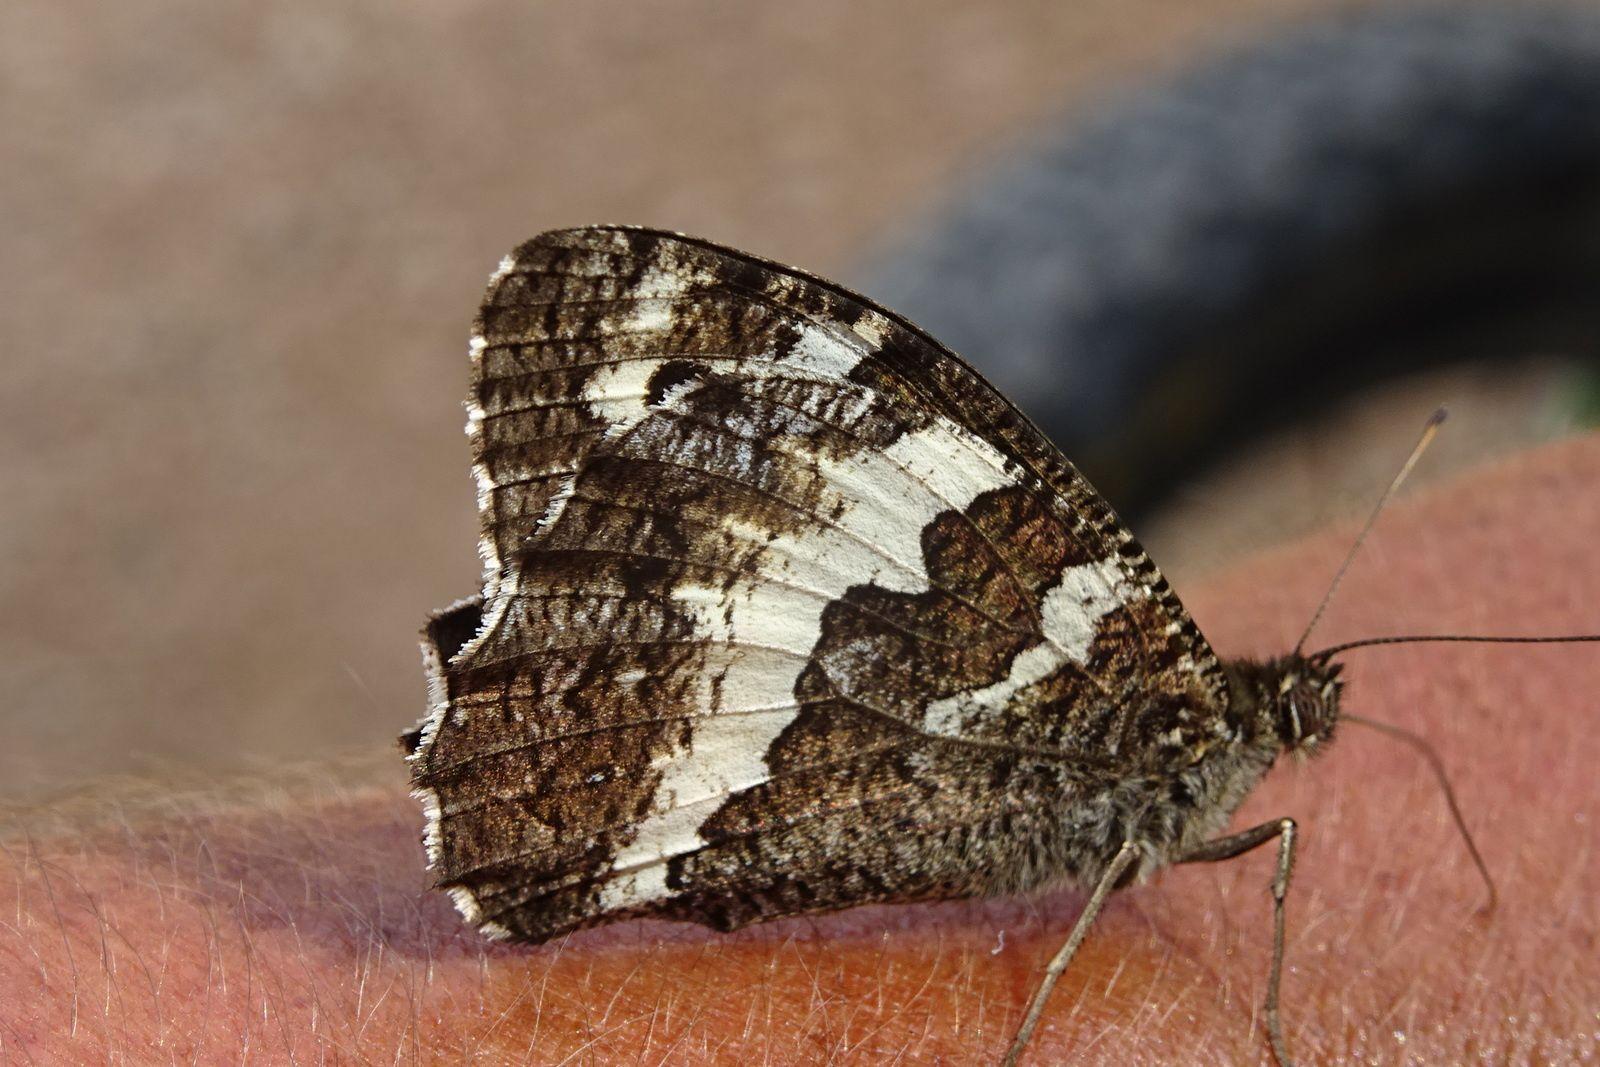 Après la flore, la faune, il y a des milliers de papillons multicolores mais il est difficile de les photographier ailes déployées. Ce dernier tour sur Pignan est assez décevant, tant pis !